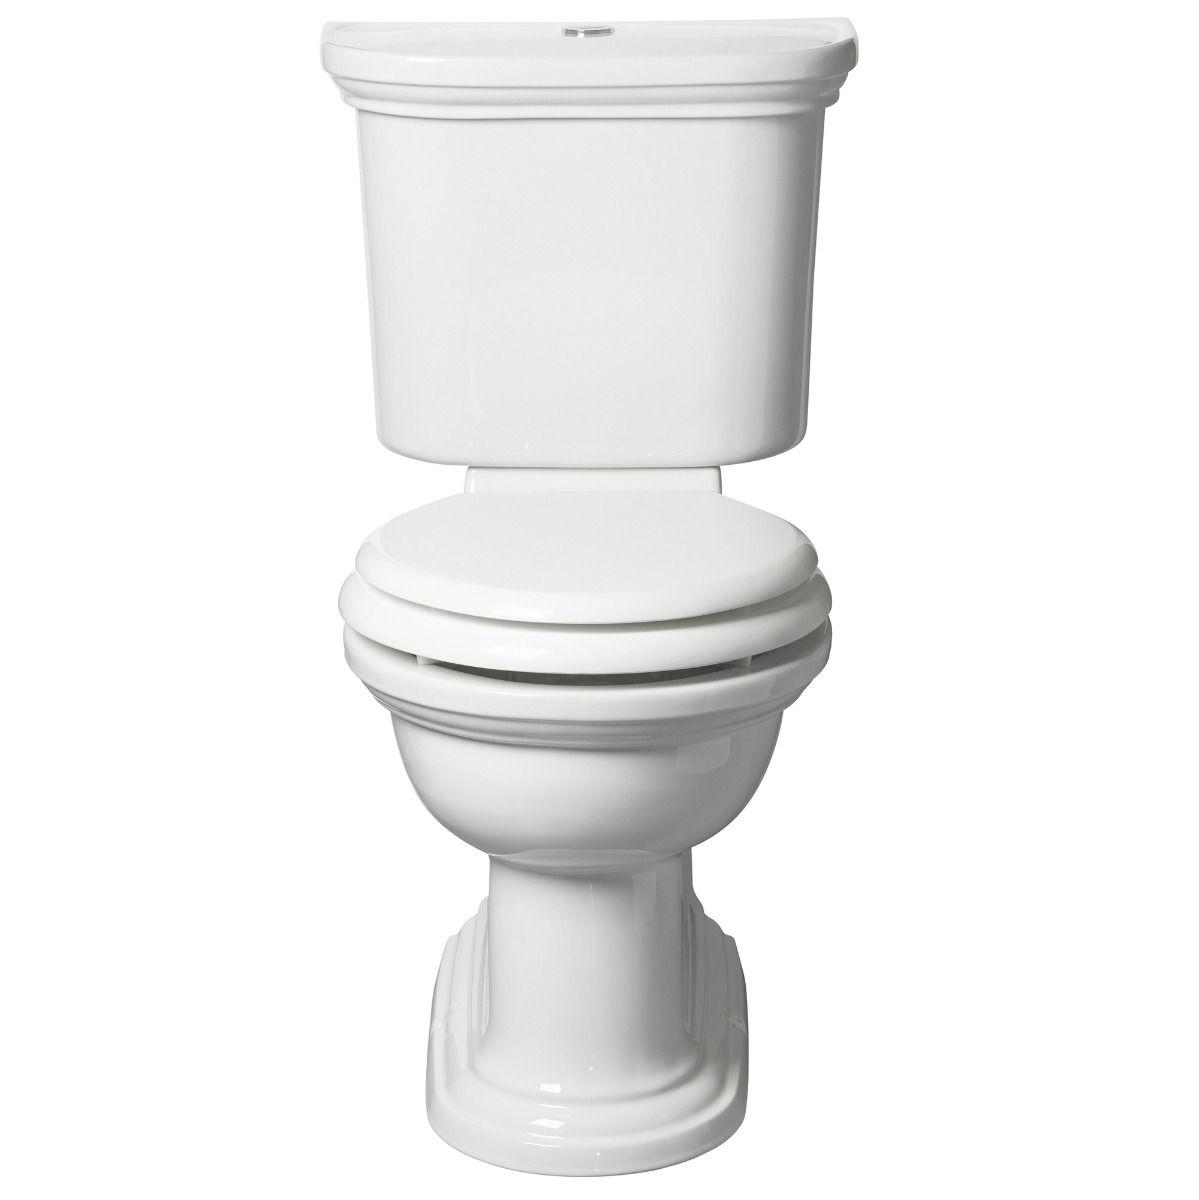 Atlantic Toilet